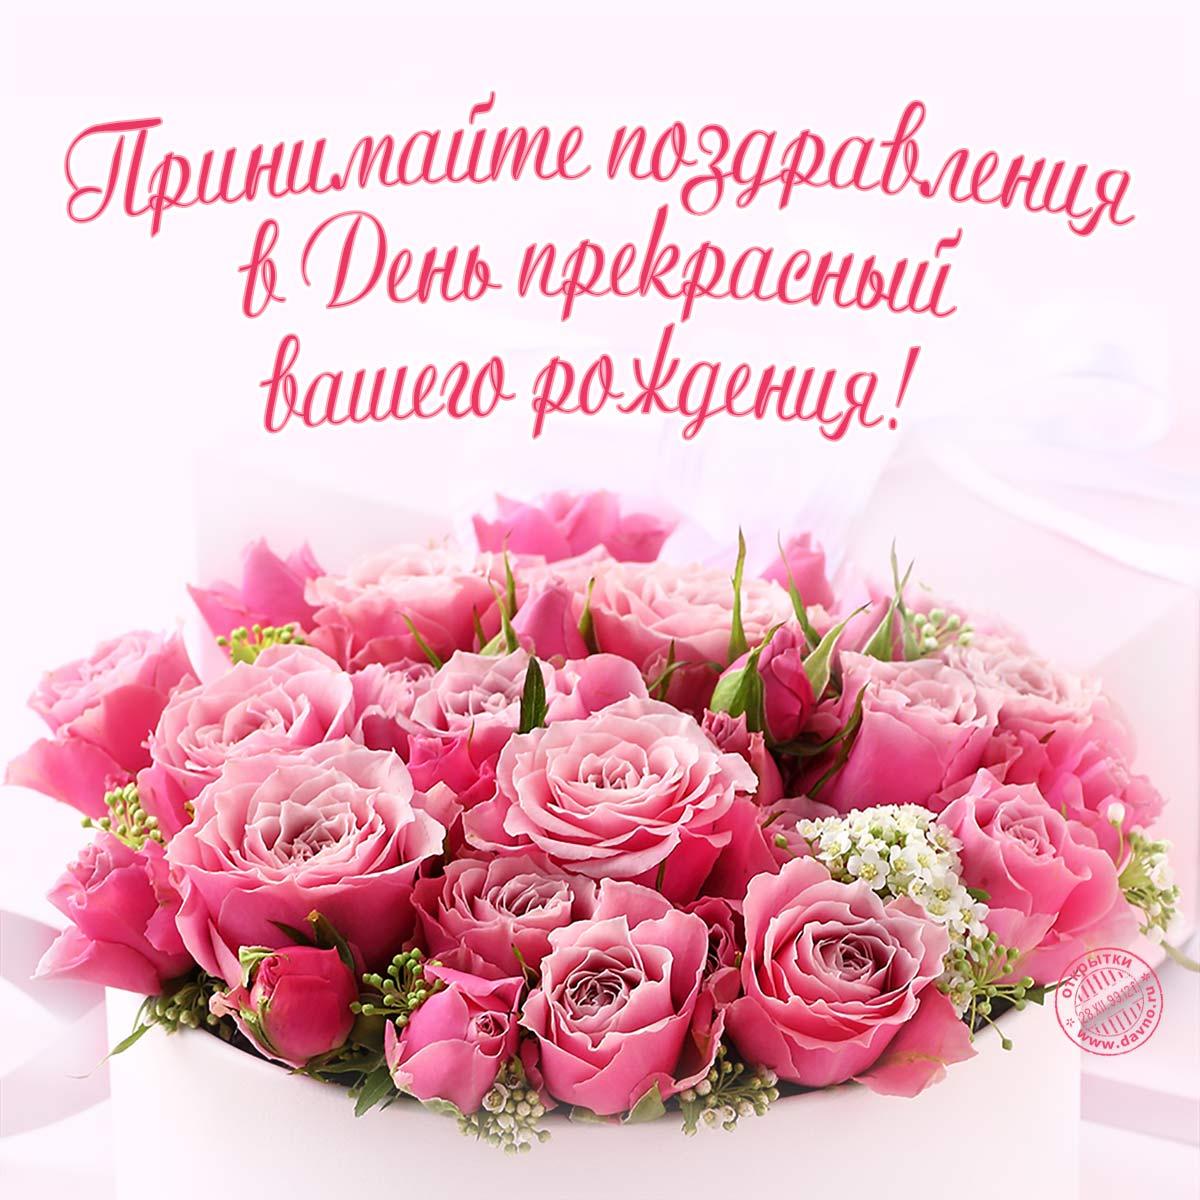 Поздравление для девушки в день рождения своими словами красивое